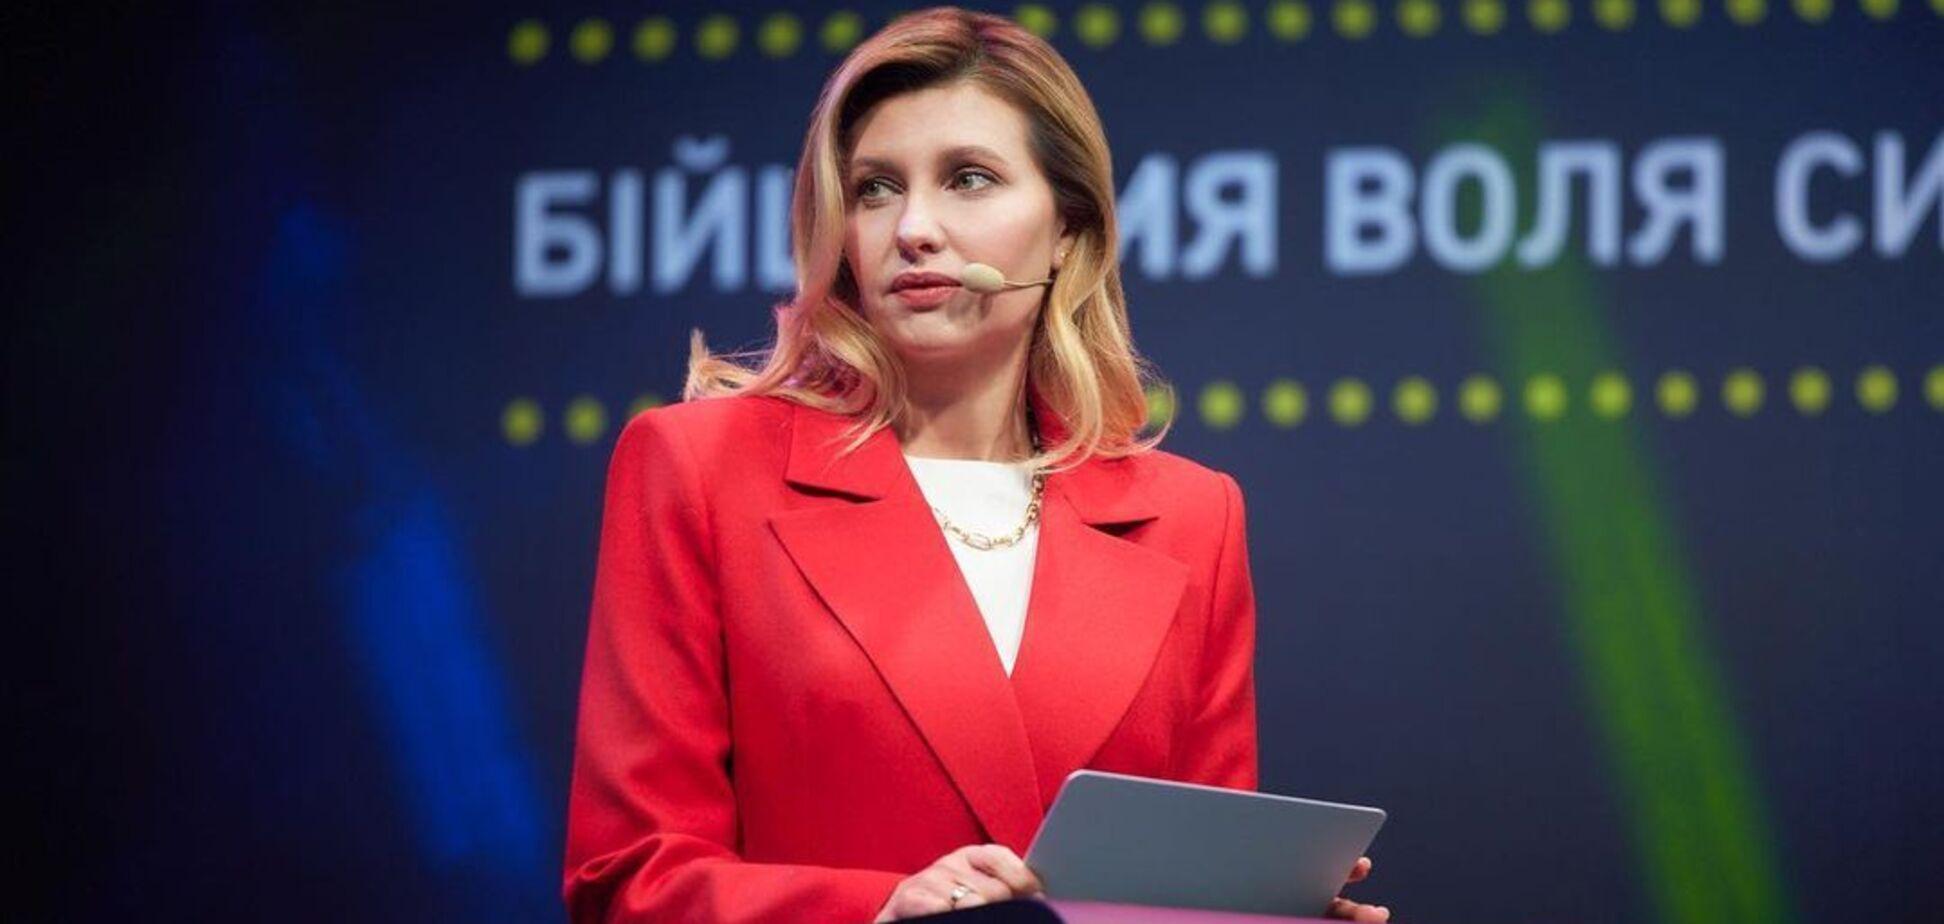 Зеленська прийшла на зустріч у найстильнішому піджаку сезону. Фото